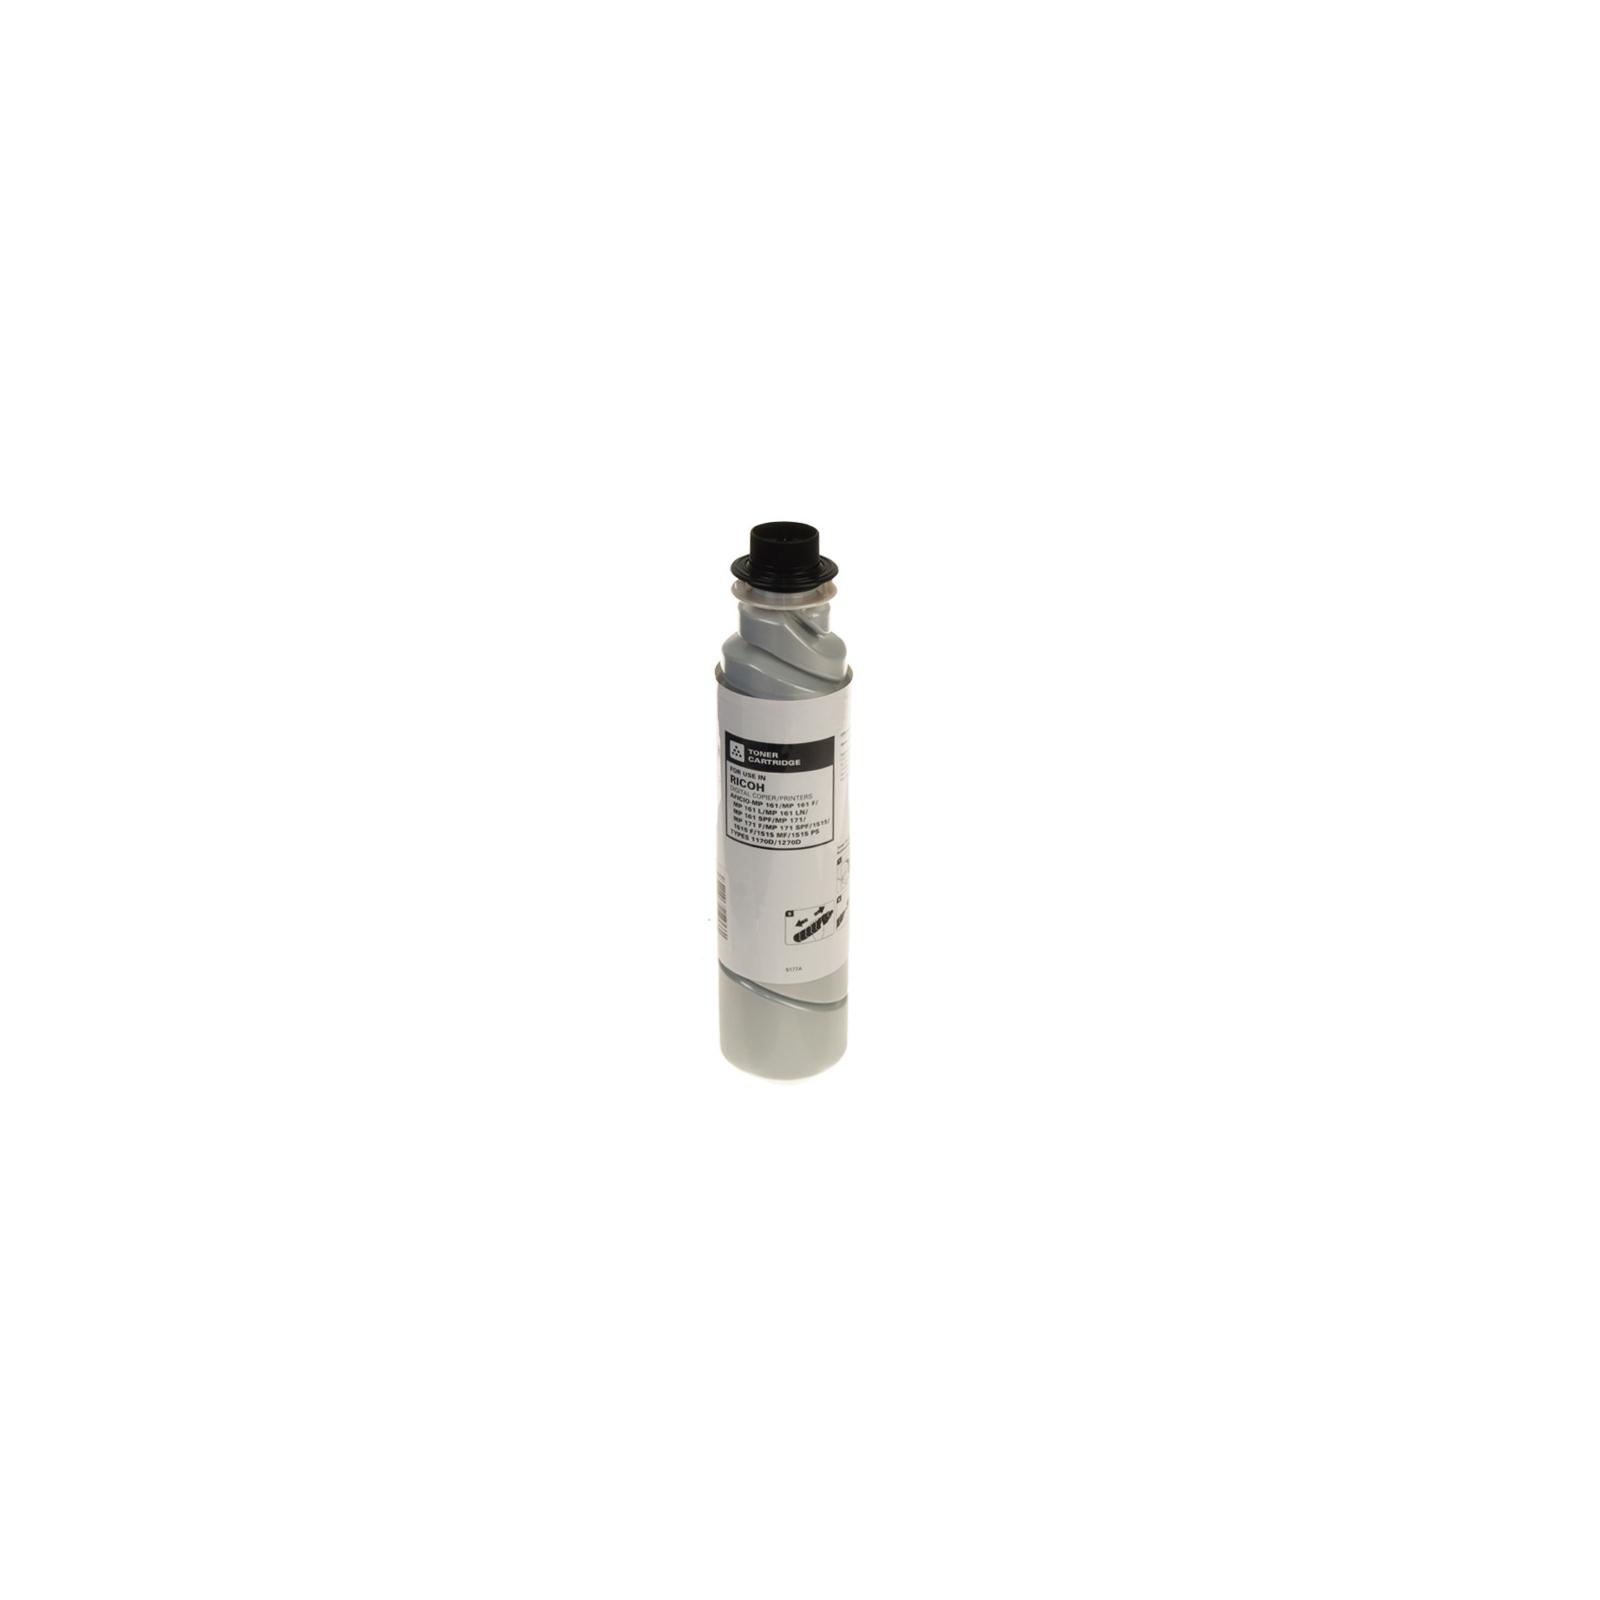 Тонер Ricoh 1170D/1270D для AFICIO 1515, DSM 415/MP161/MP171 Katun (25632/37034)